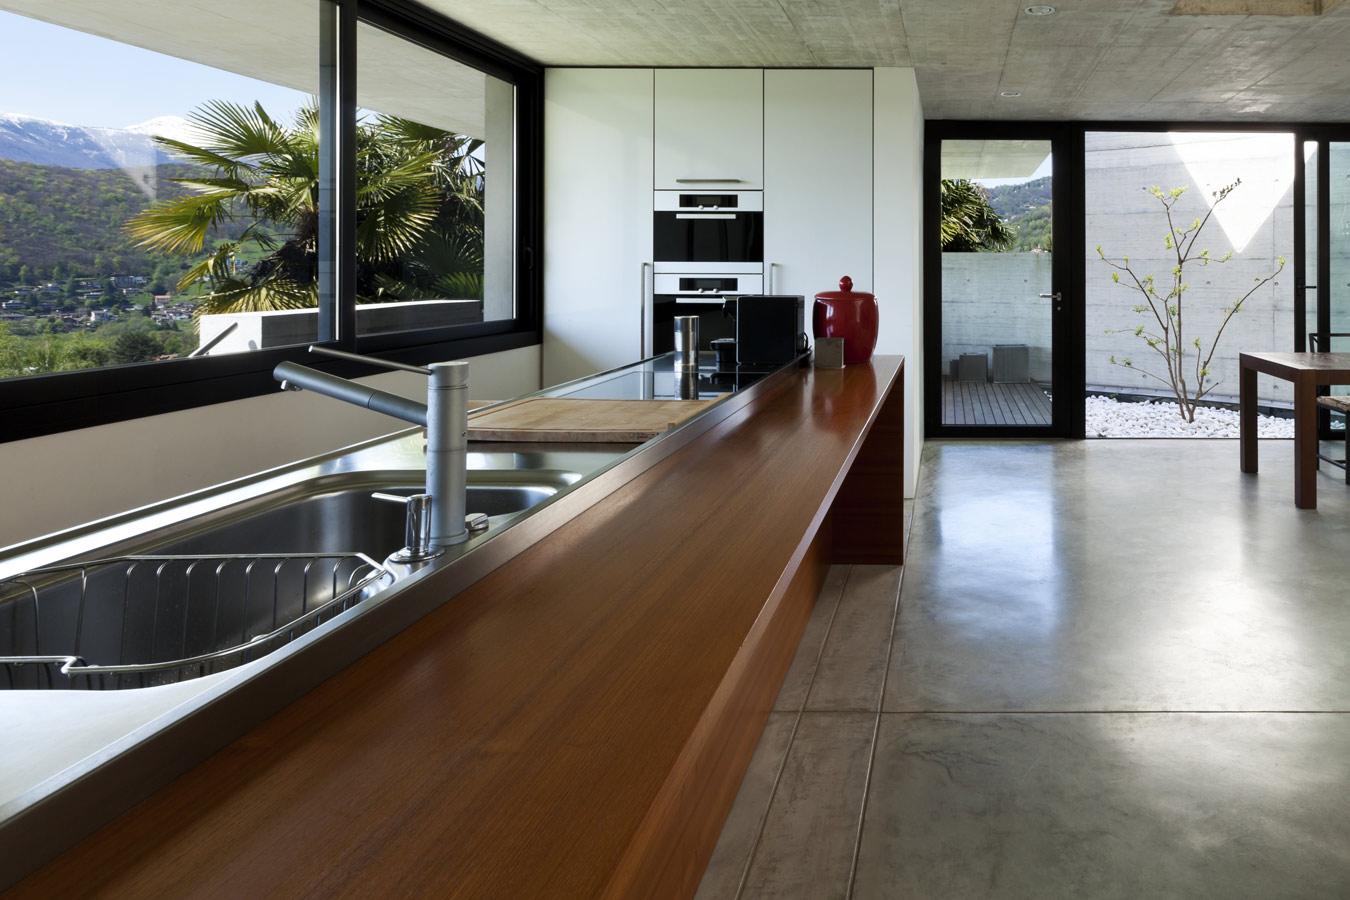 Keuken houten werkblad: home keukens op maat keuken.